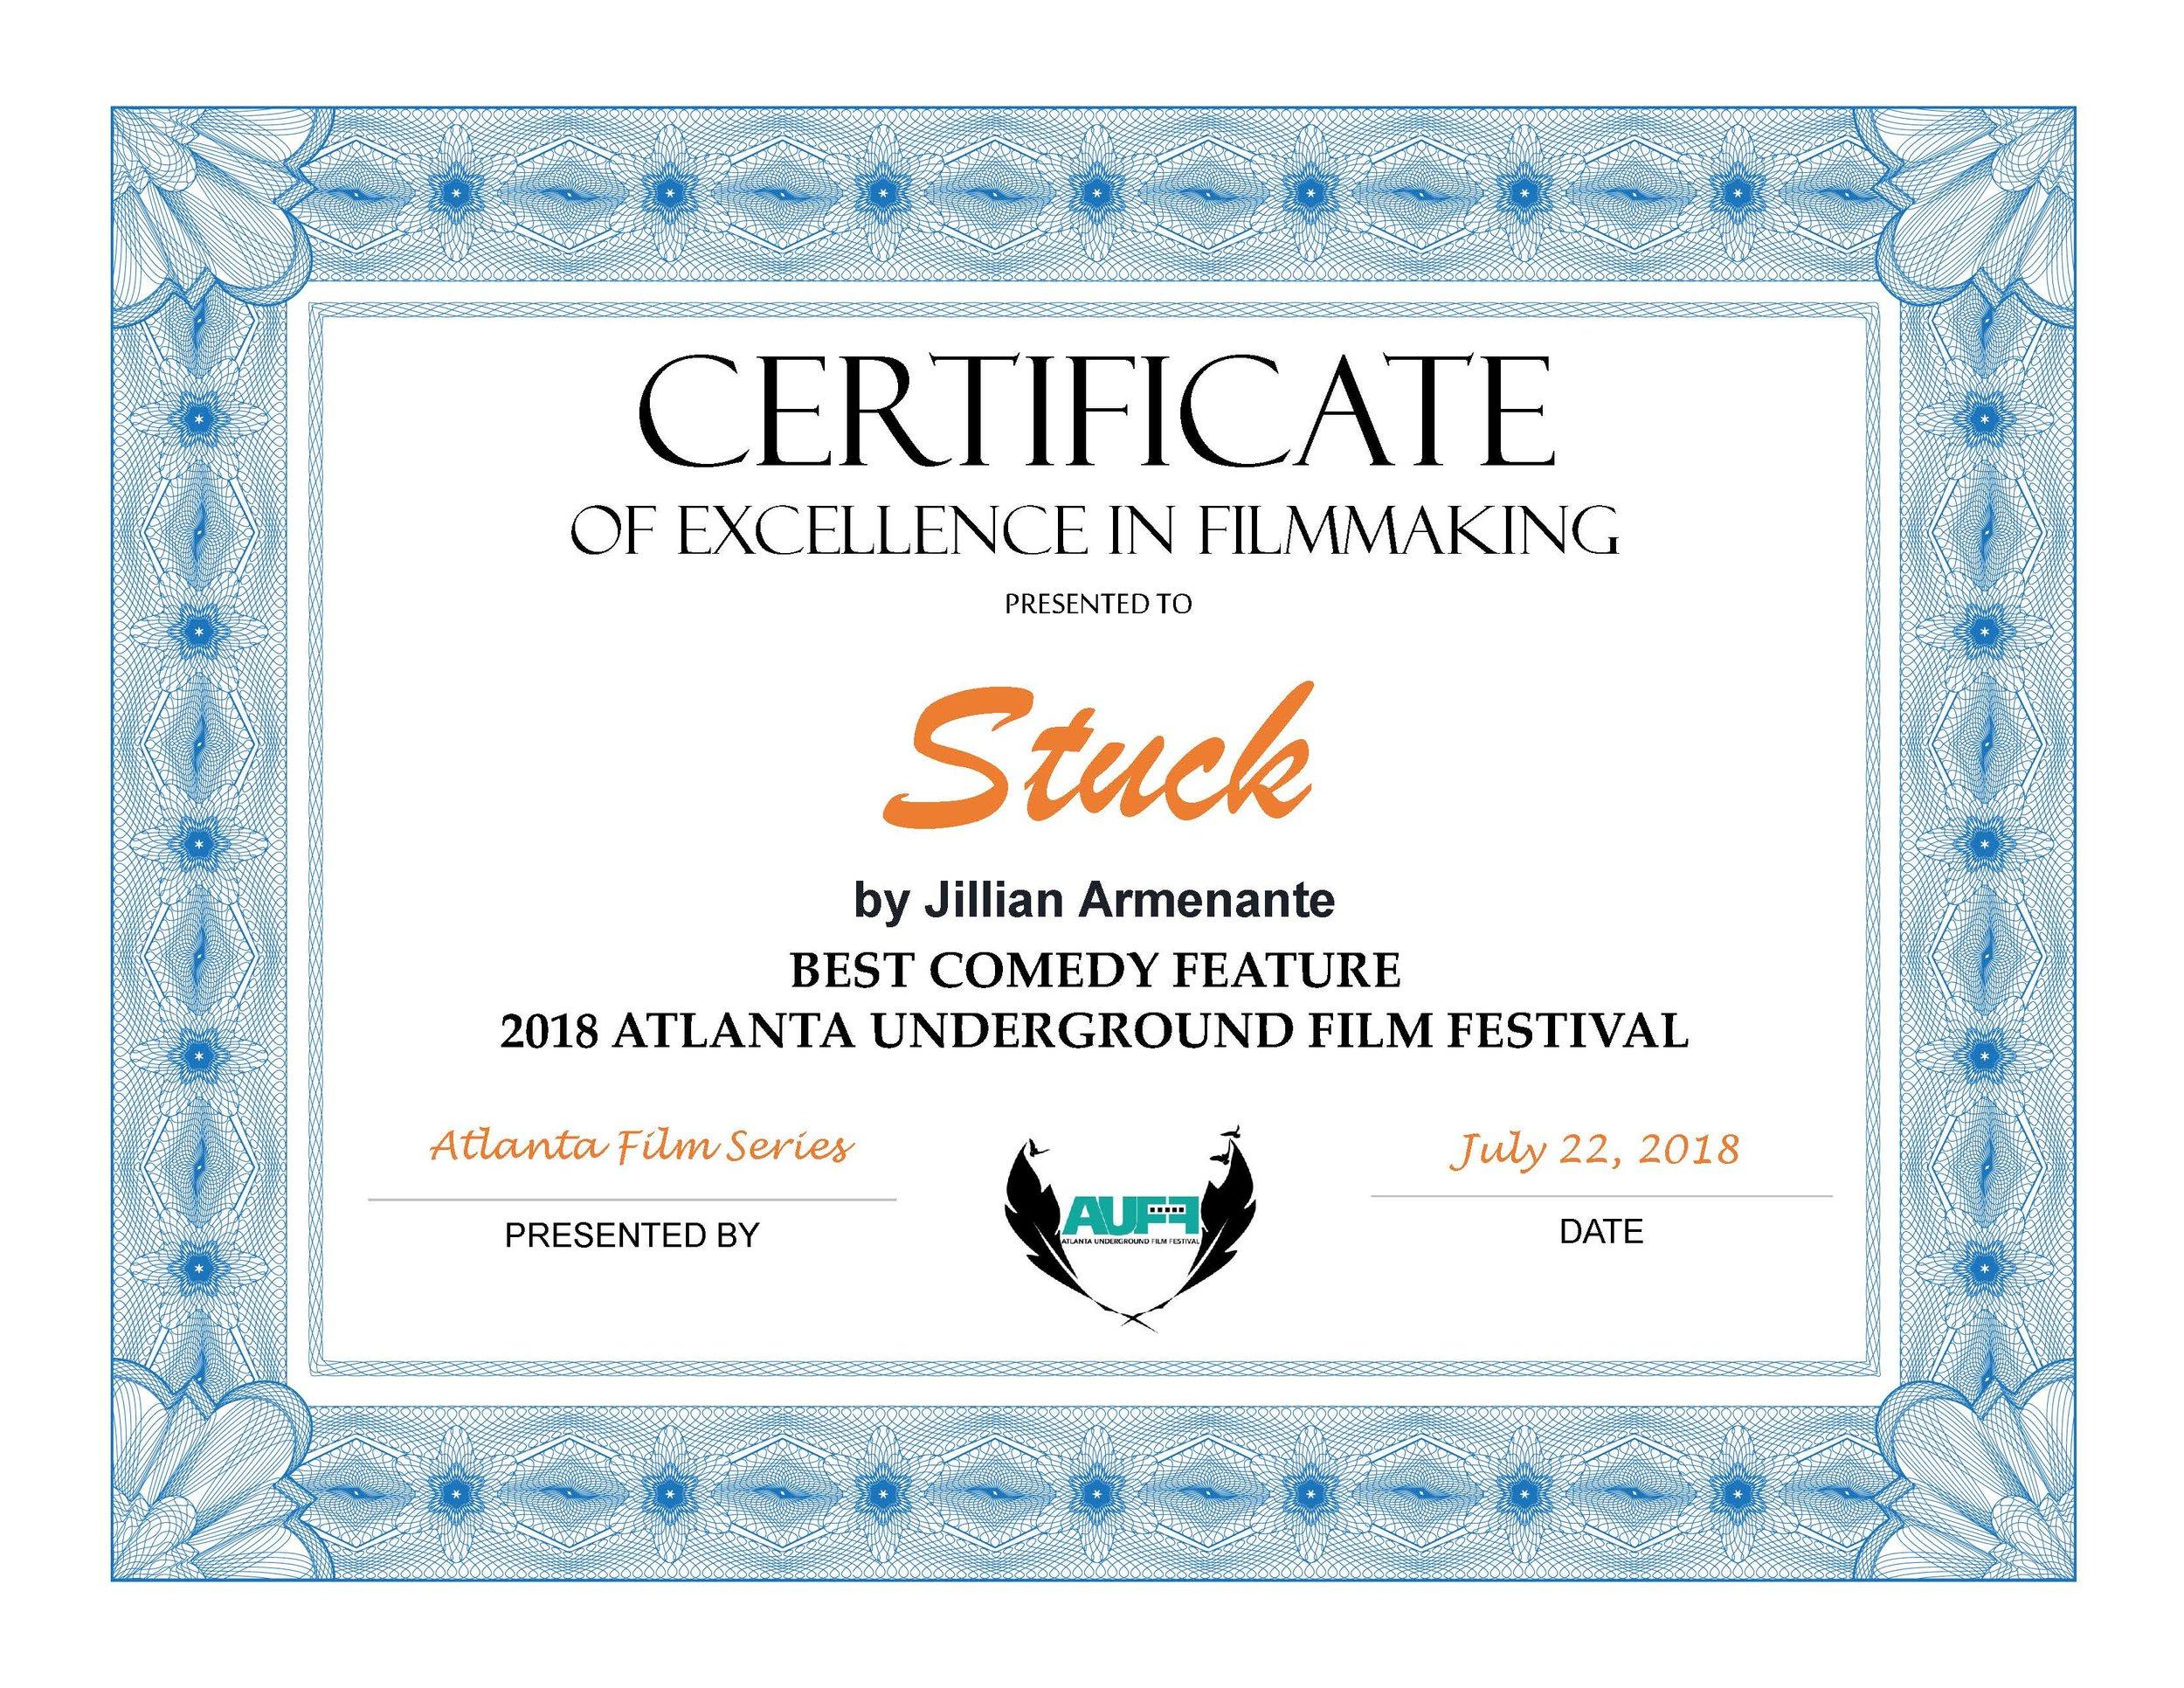 stuck_AT winner.jpg